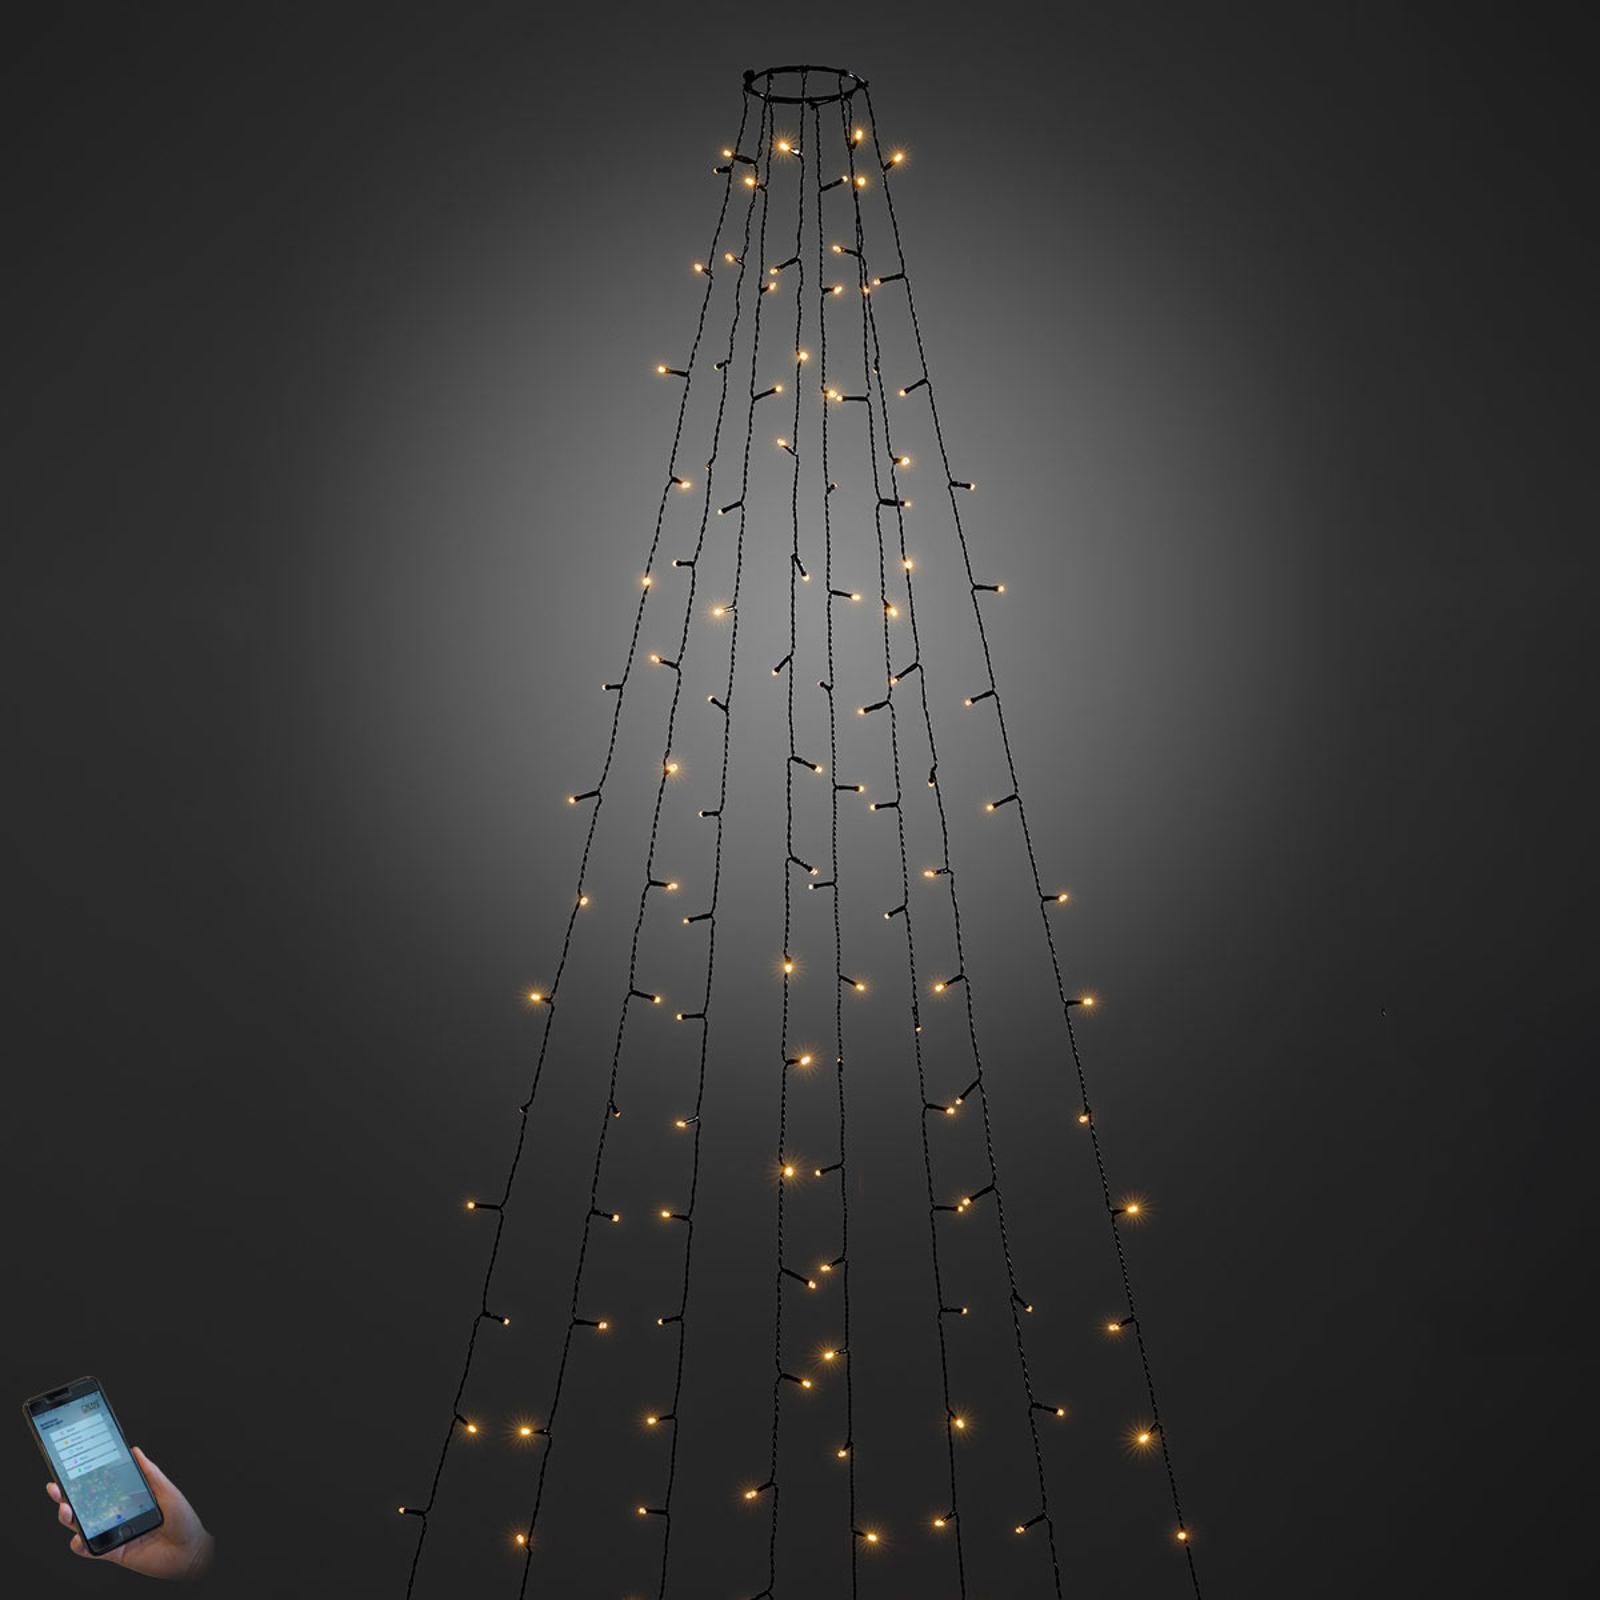 LED-julgransslinga utomhus, styrbar via app, 240